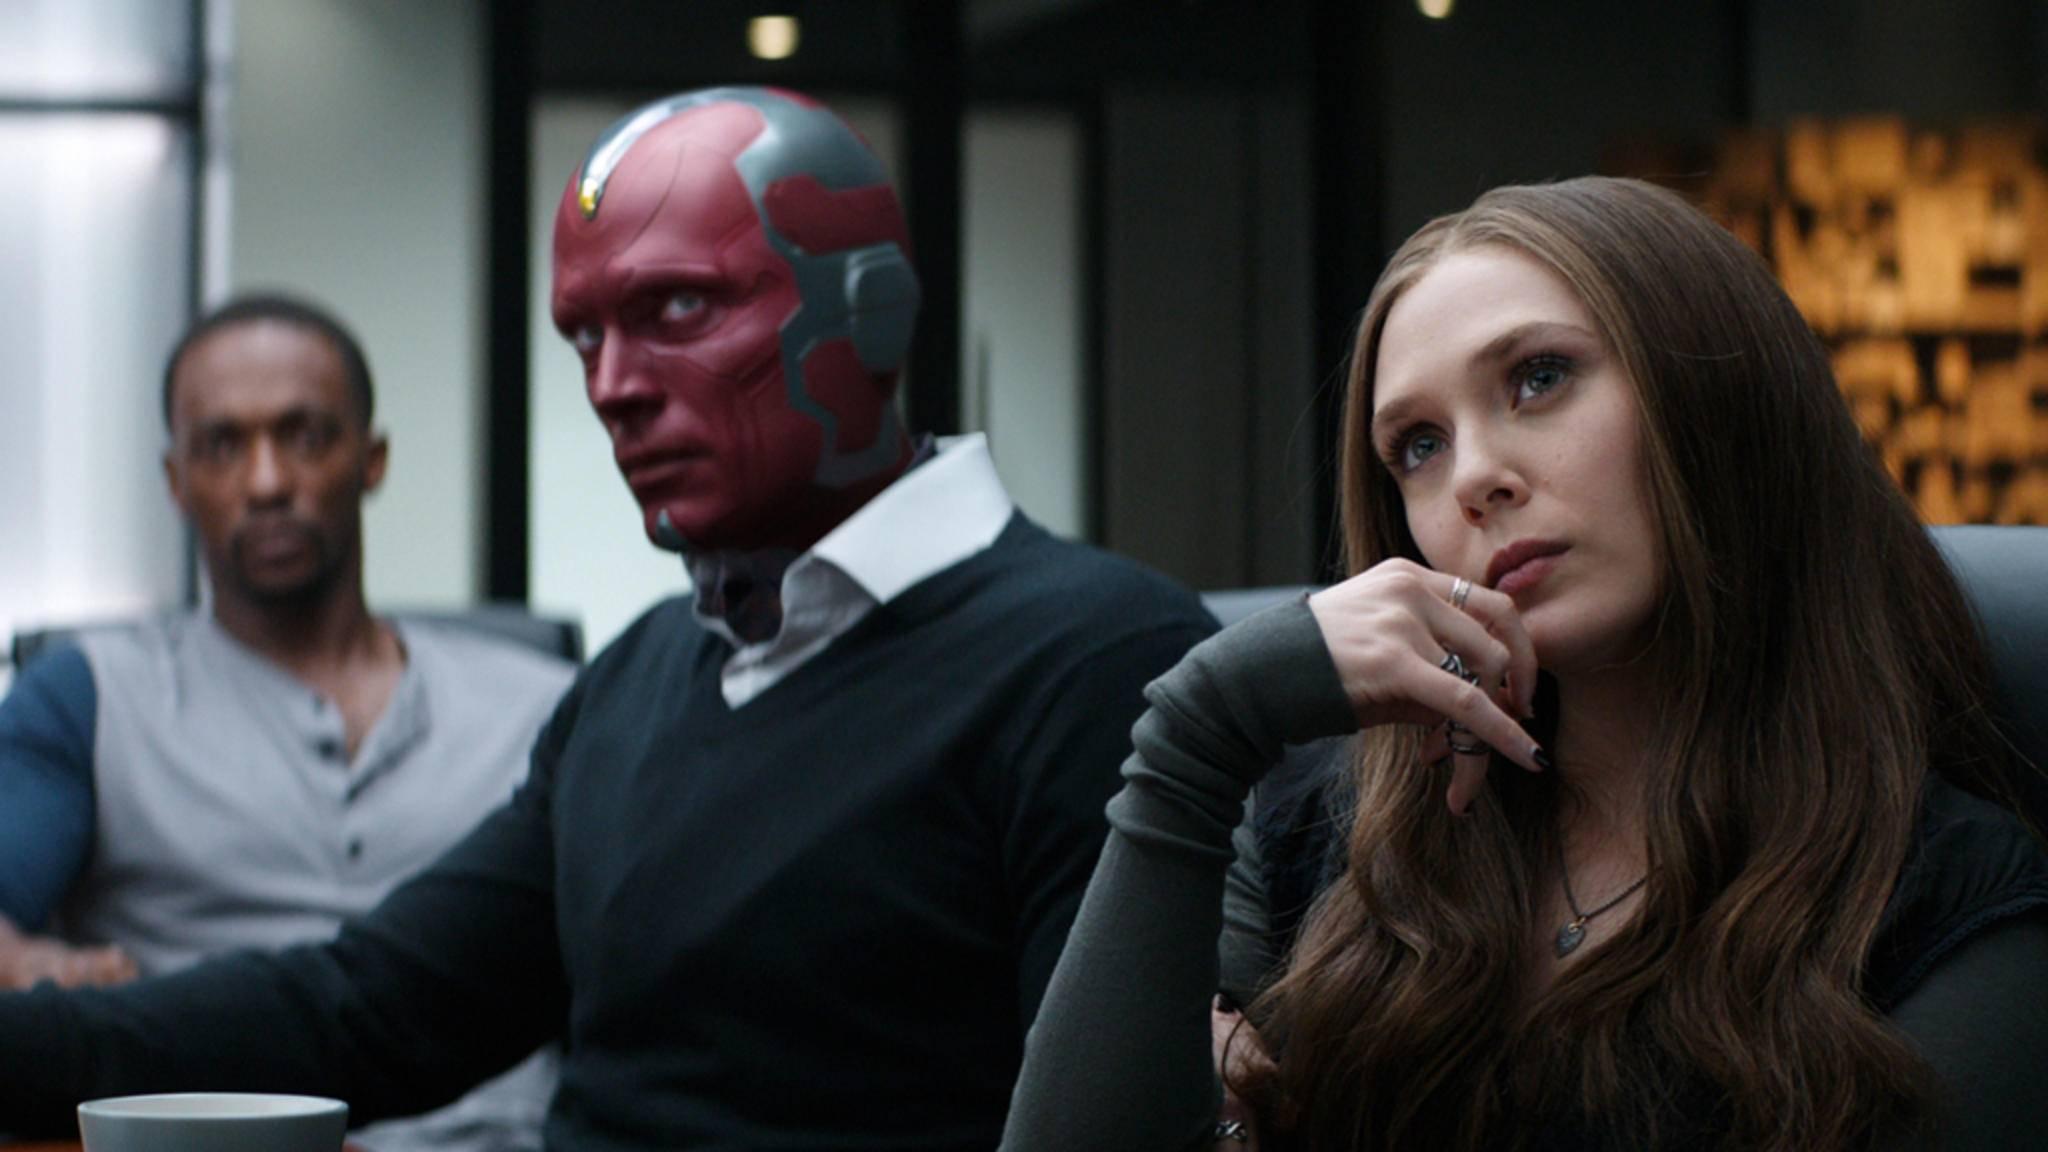 Wie ernst wird es zwischen Vision und Scarlet Witch?